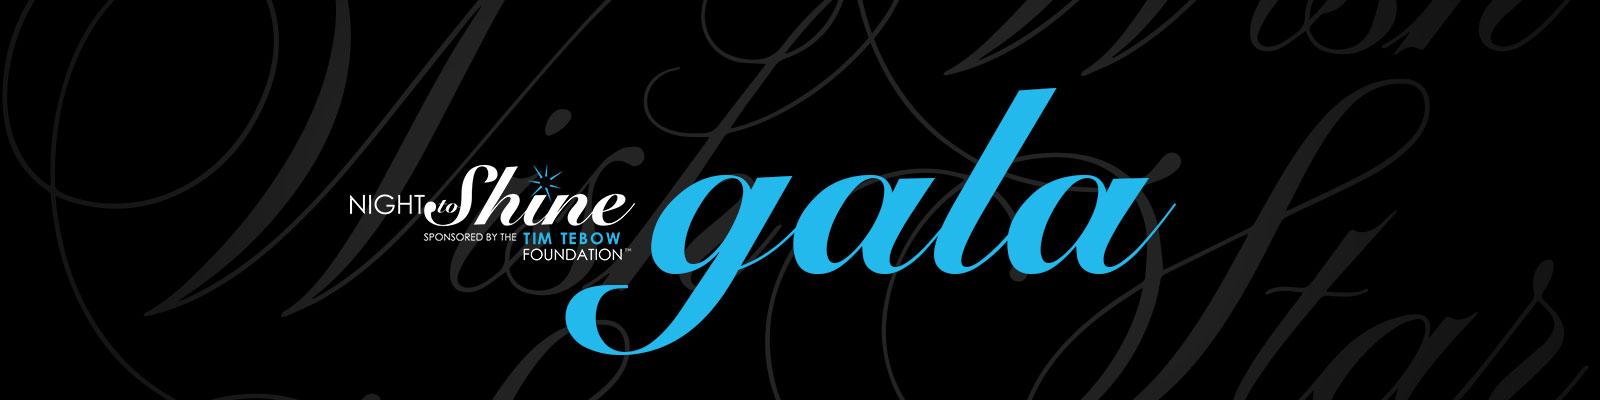 Night to Shine Gala logo